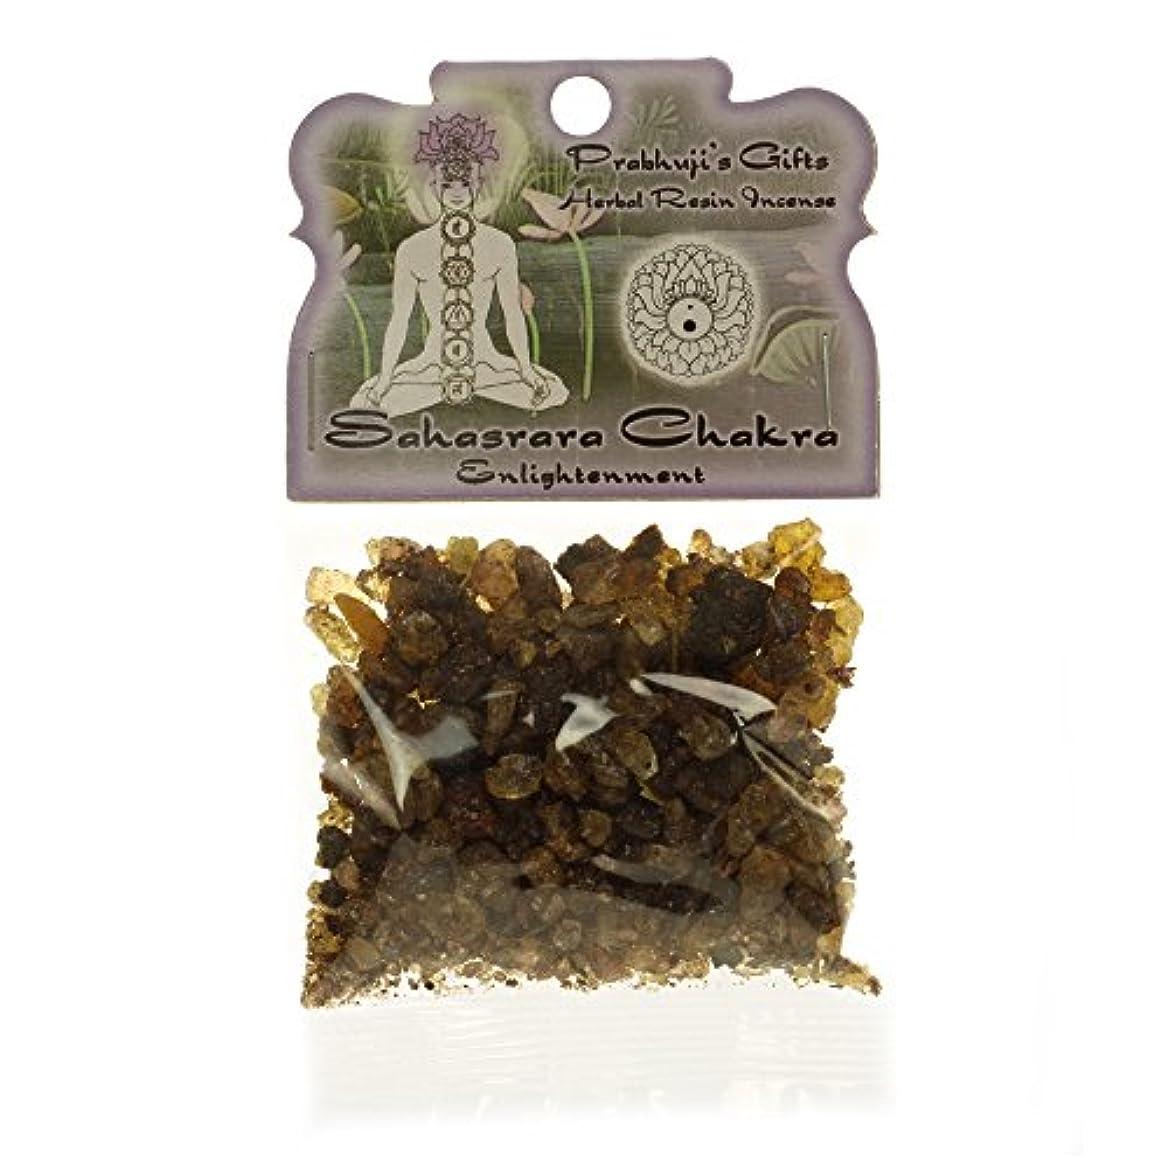 パワーセル遺体安置所発揮する樹脂Incense Crown Chakra Sahasrara – Enlightenment – 1.2ozバッグ